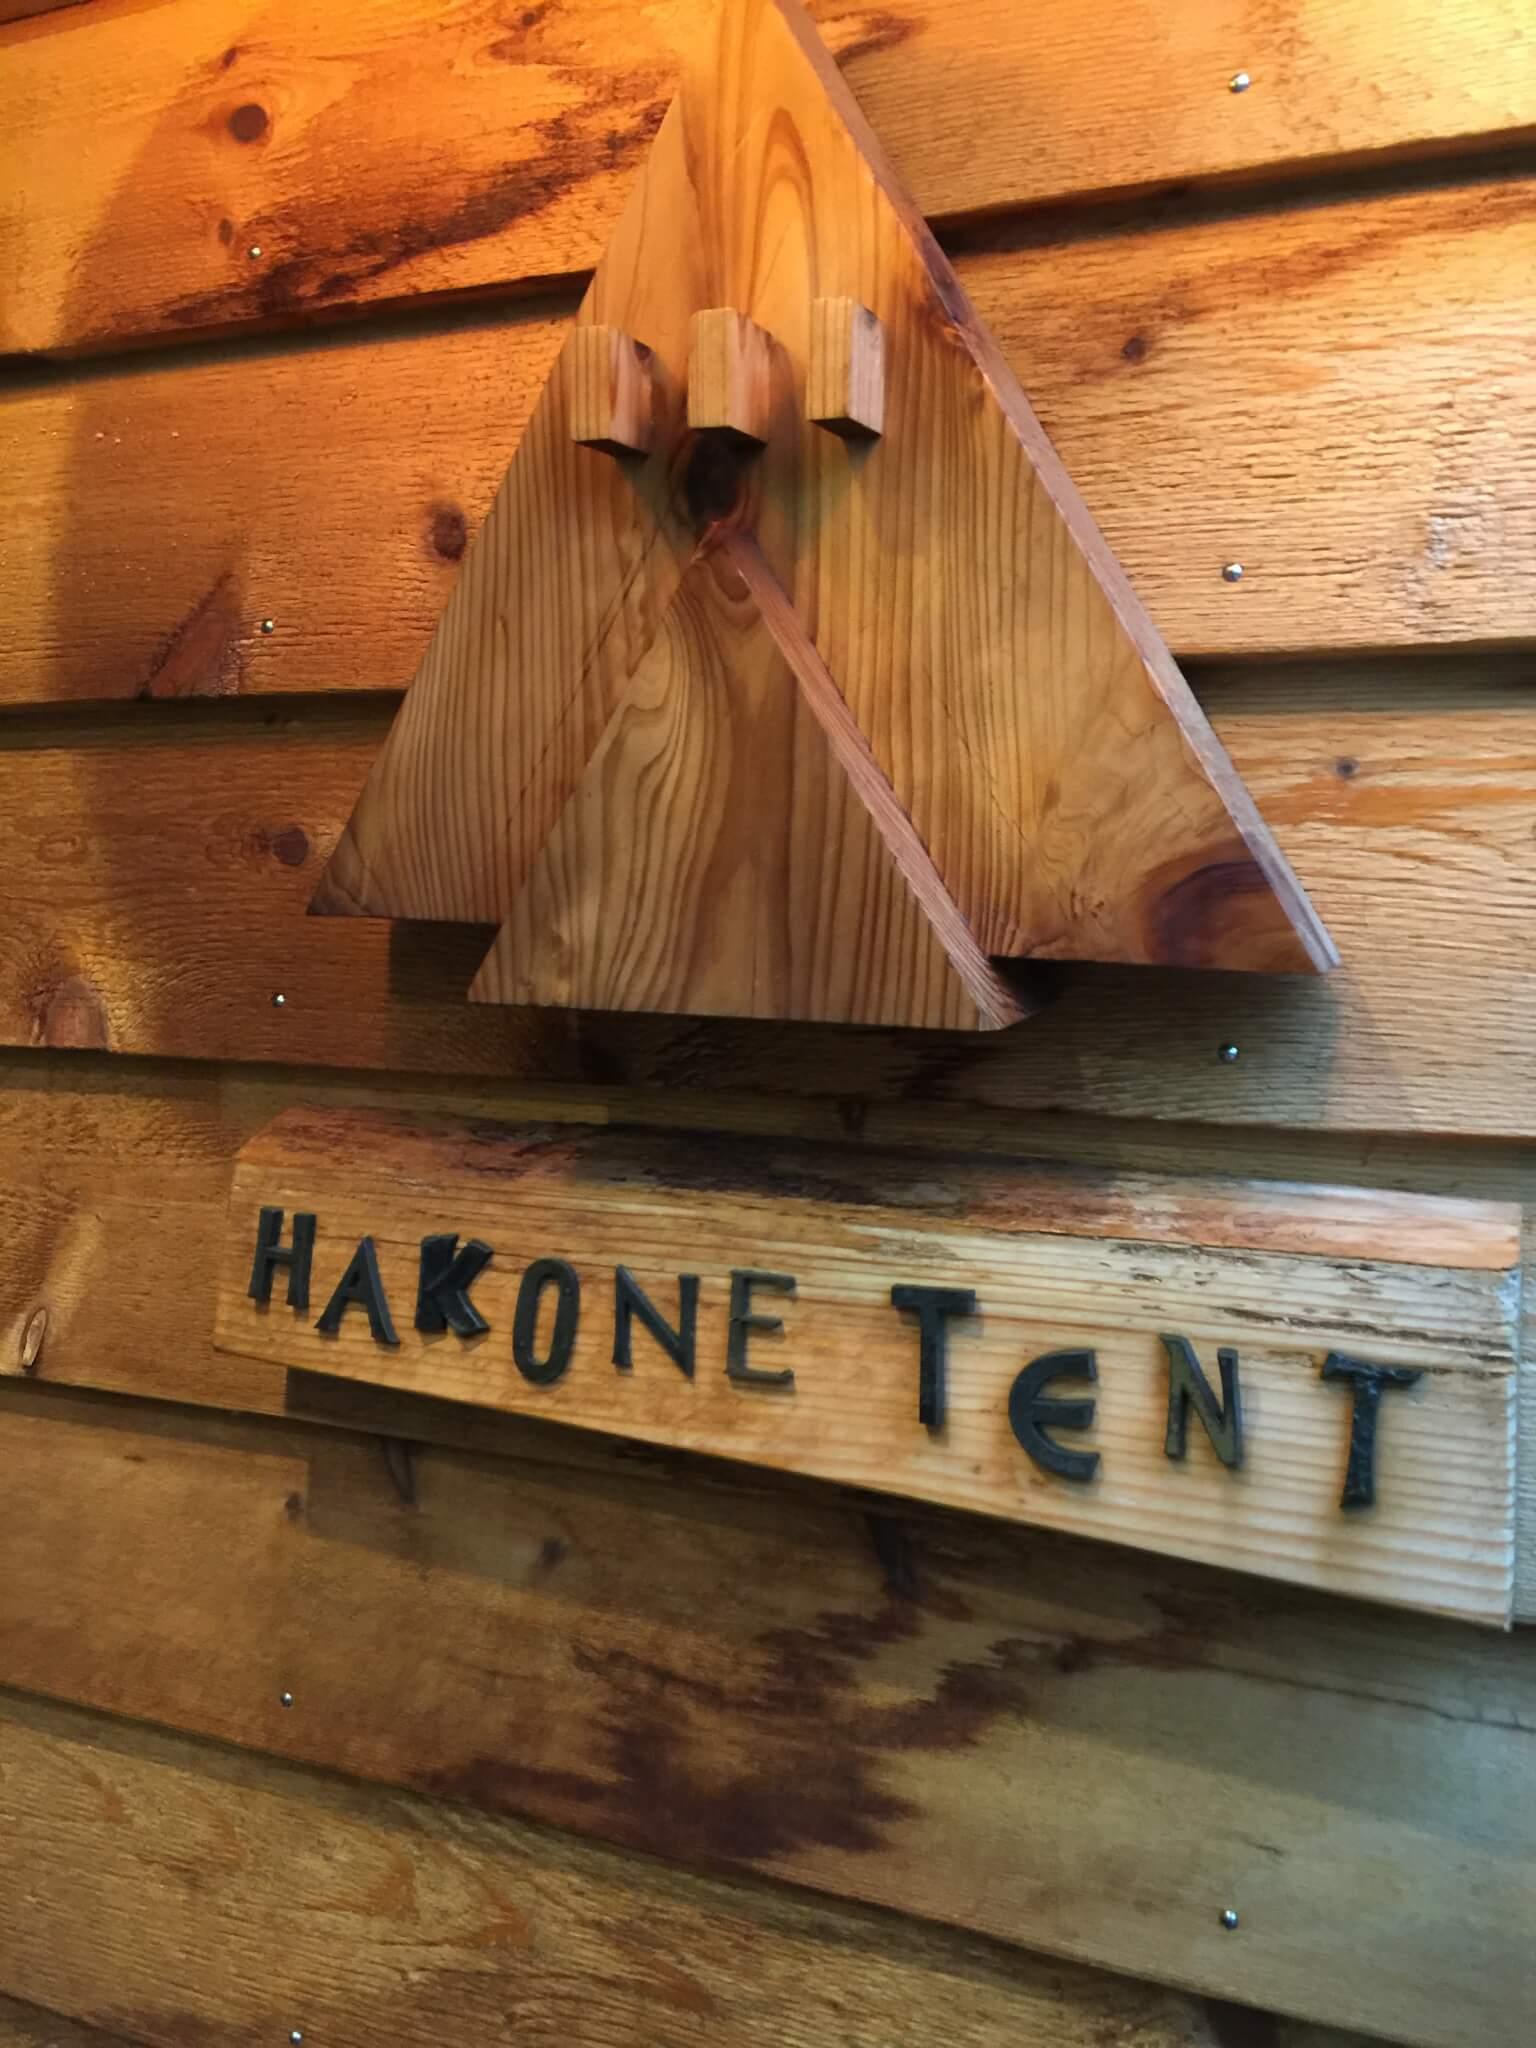 ゲストハウス箱根テント(Hakone TENT)の看板